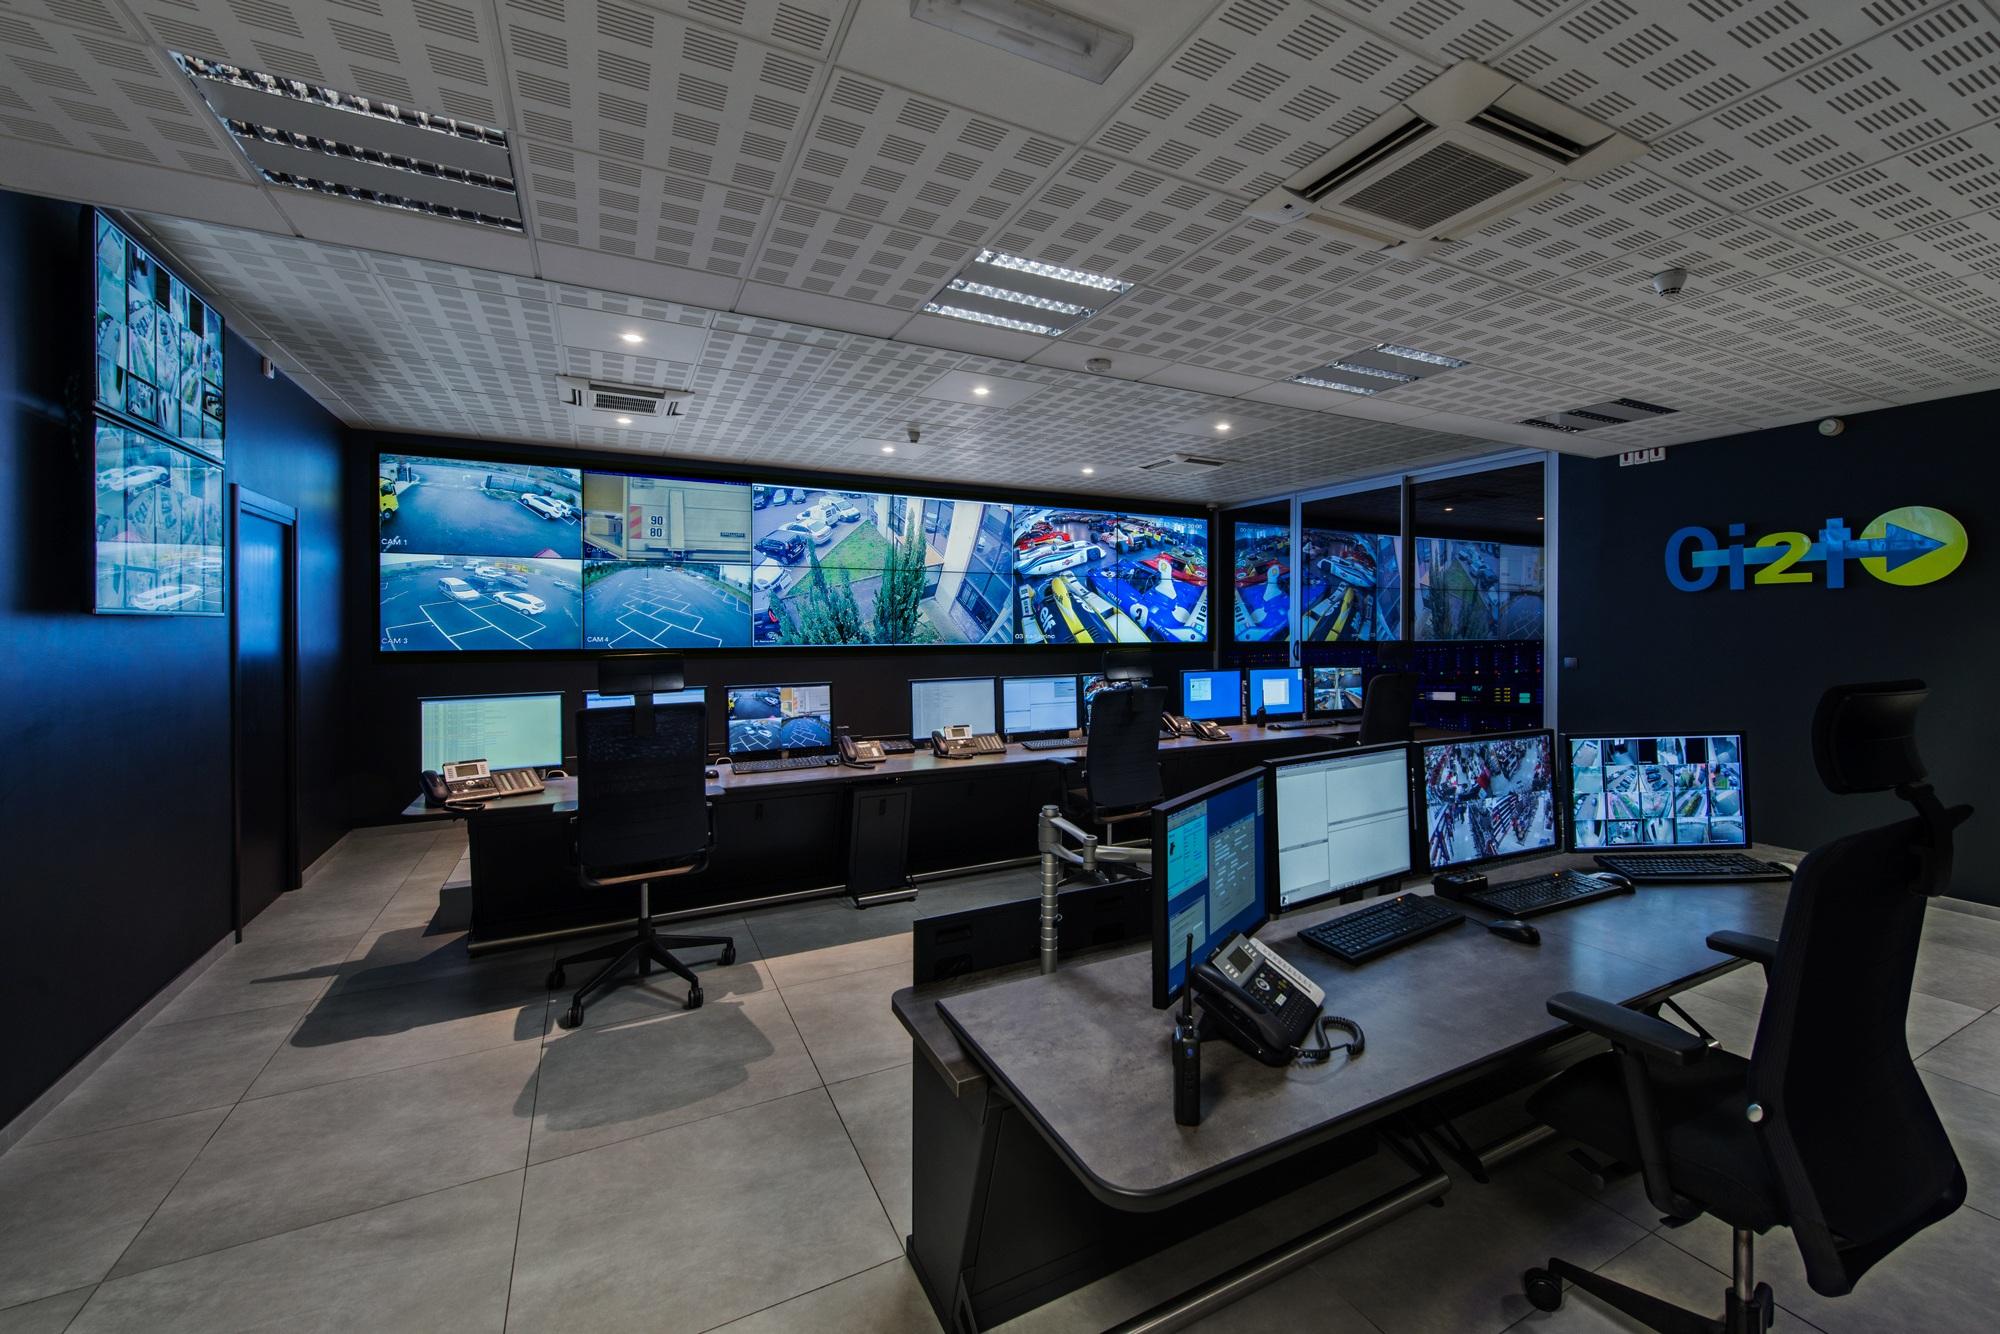 ci2t-marseille-videosurveillance